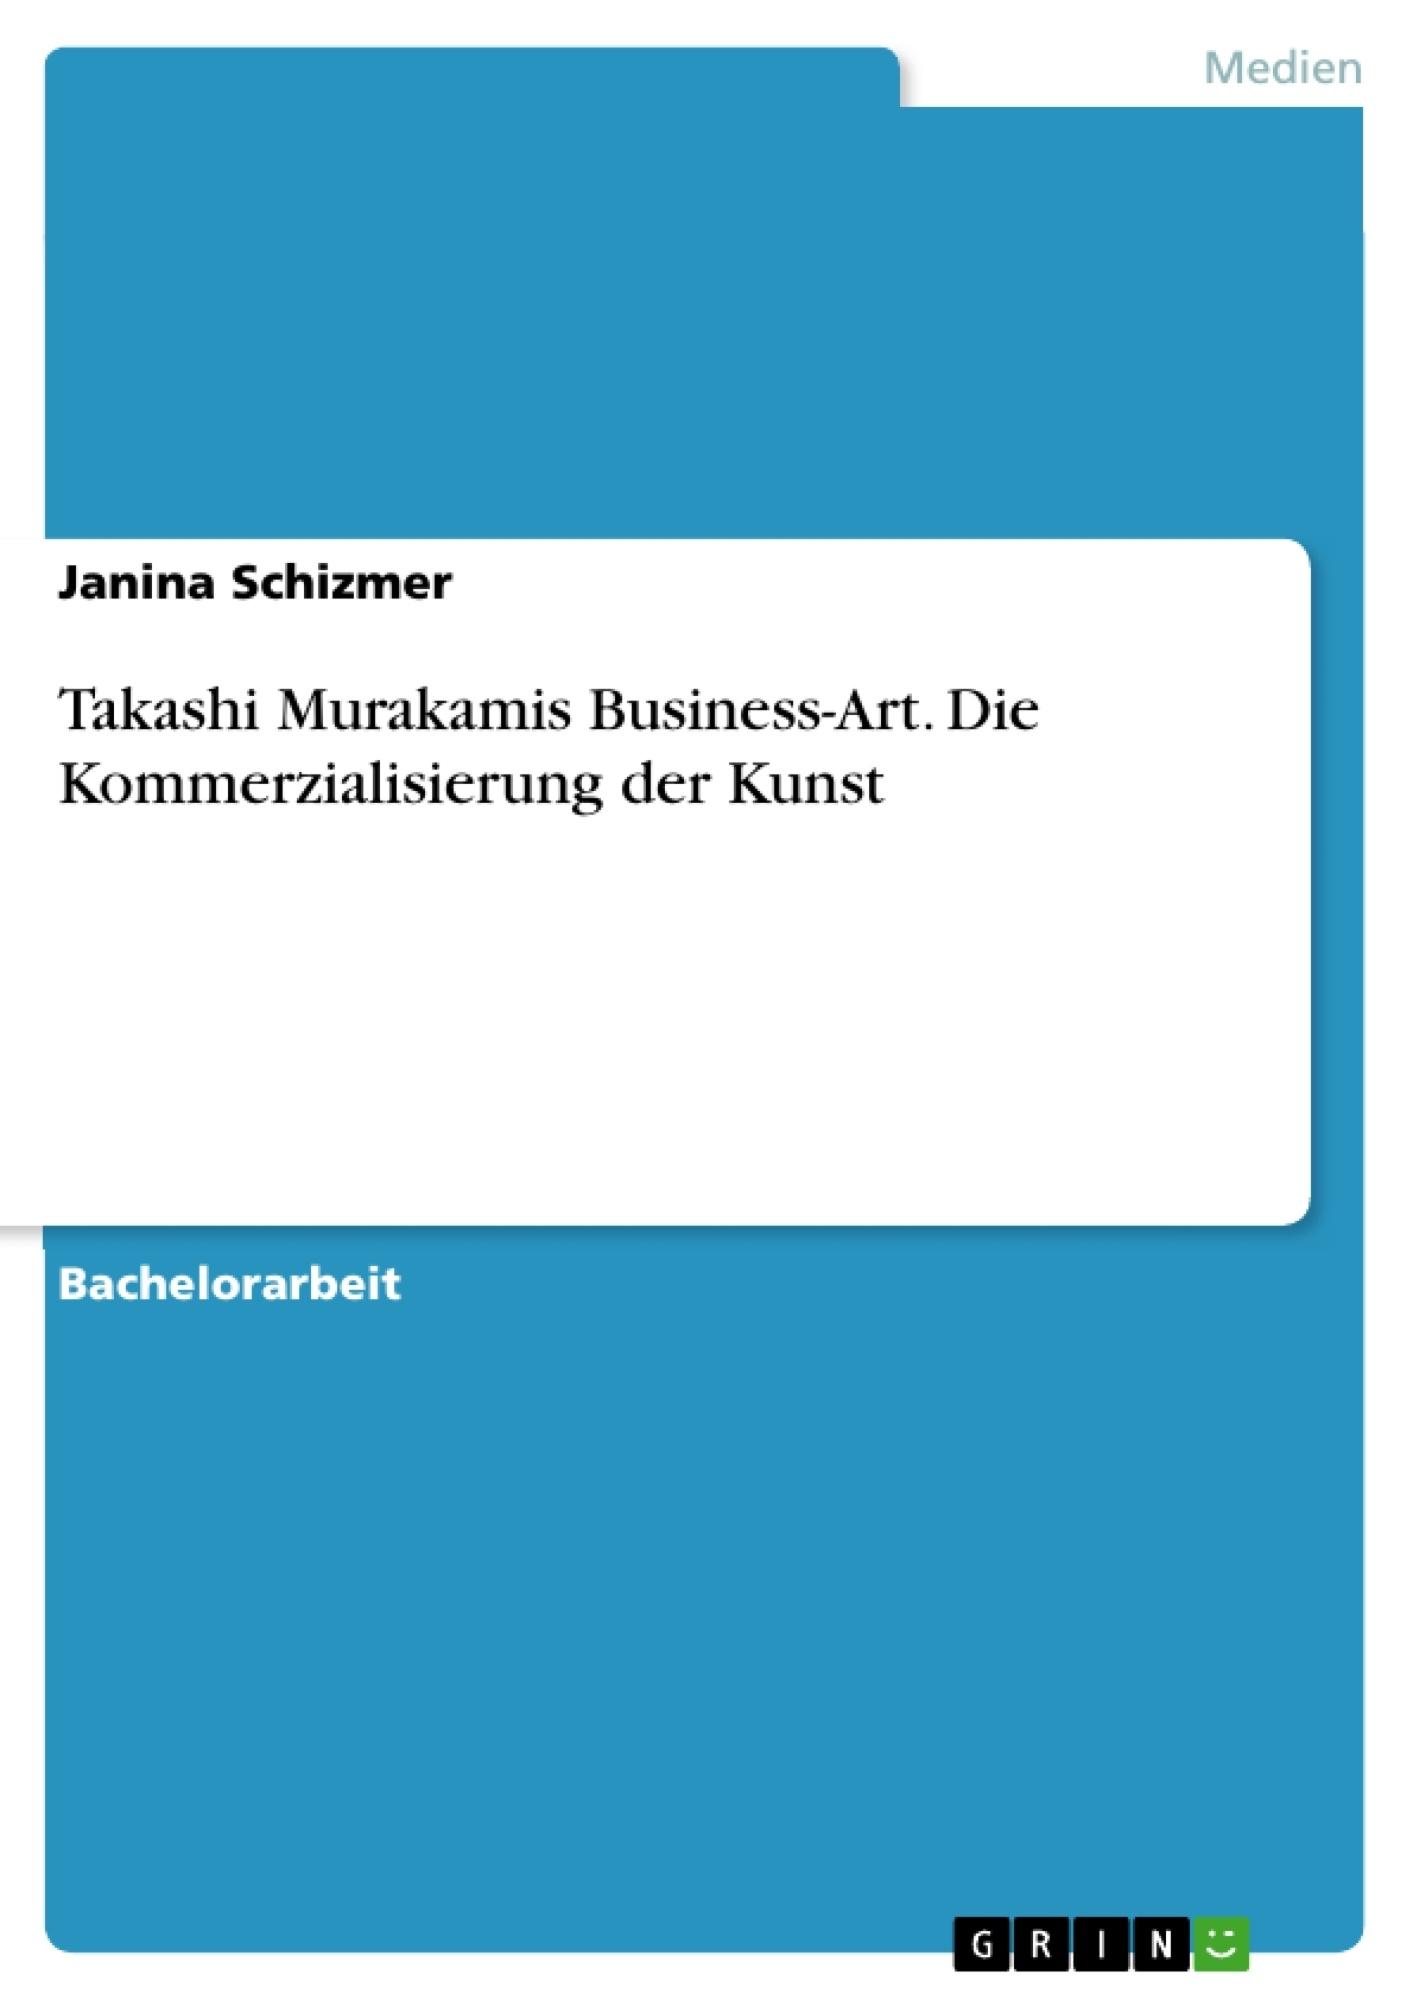 Titel: Takashi Murakamis Business-Art. Die Kommerzialisierung der Kunst